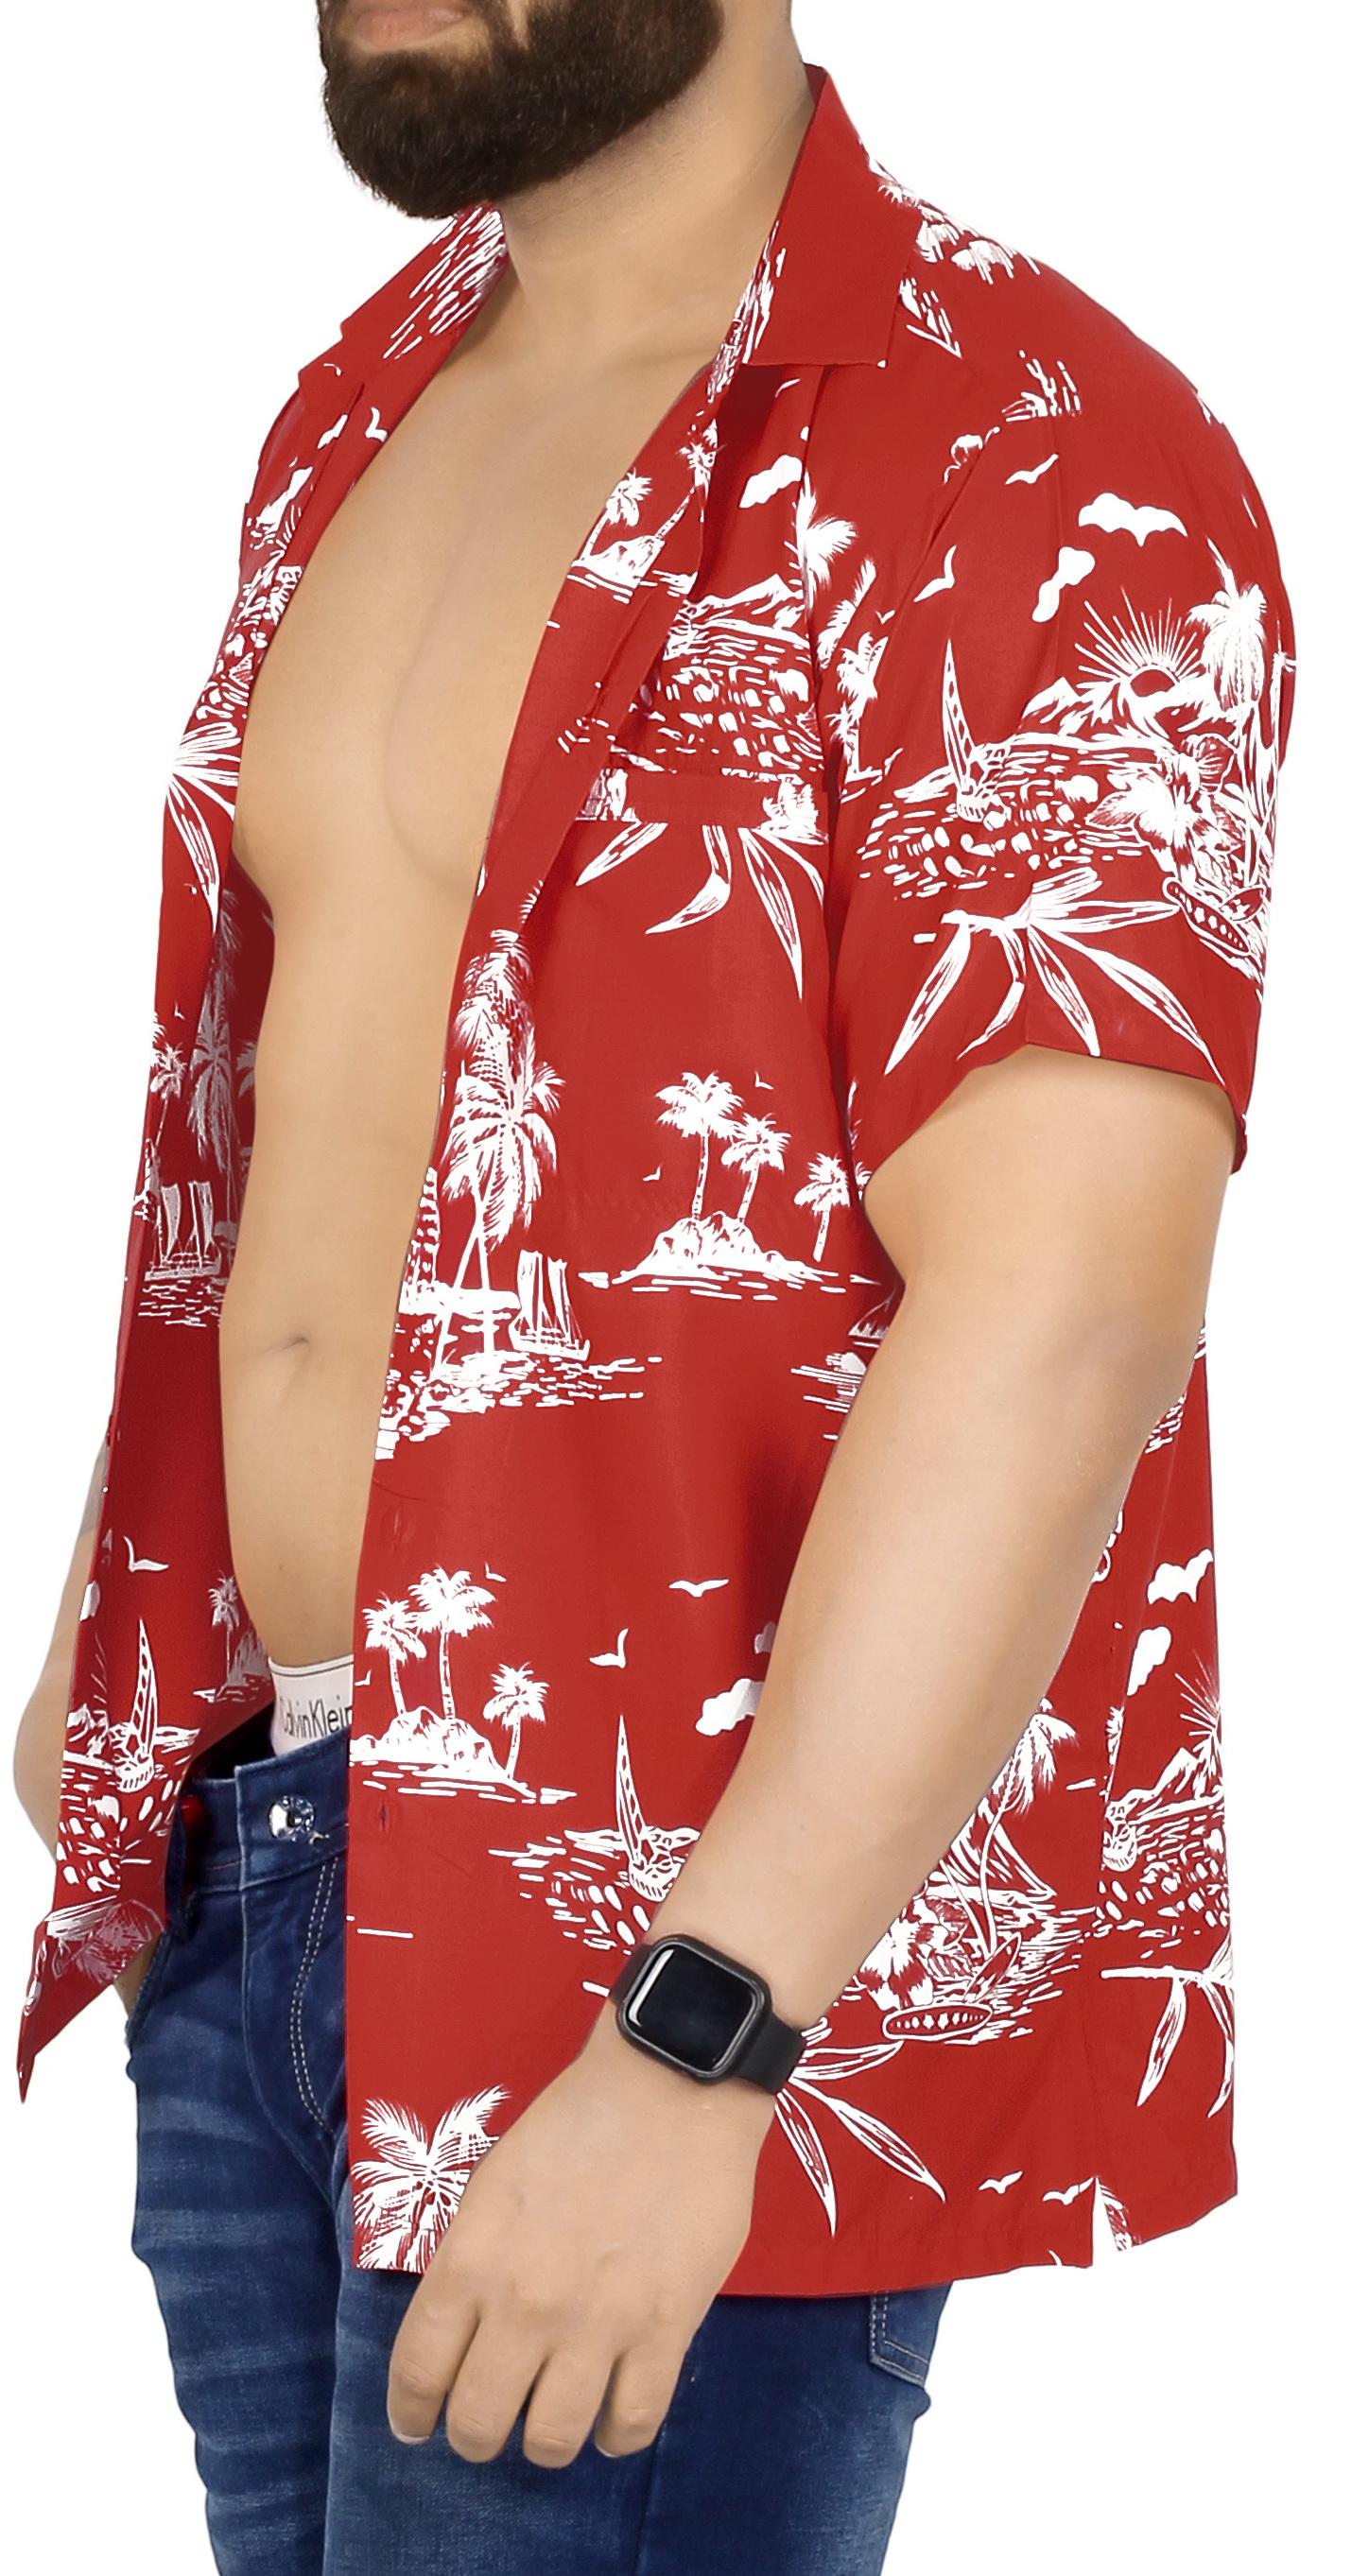 Indexbild 8 - La Leela Herren Relaxed Kurzarm Button Down Casual Hawaii Shirt bedruckt D